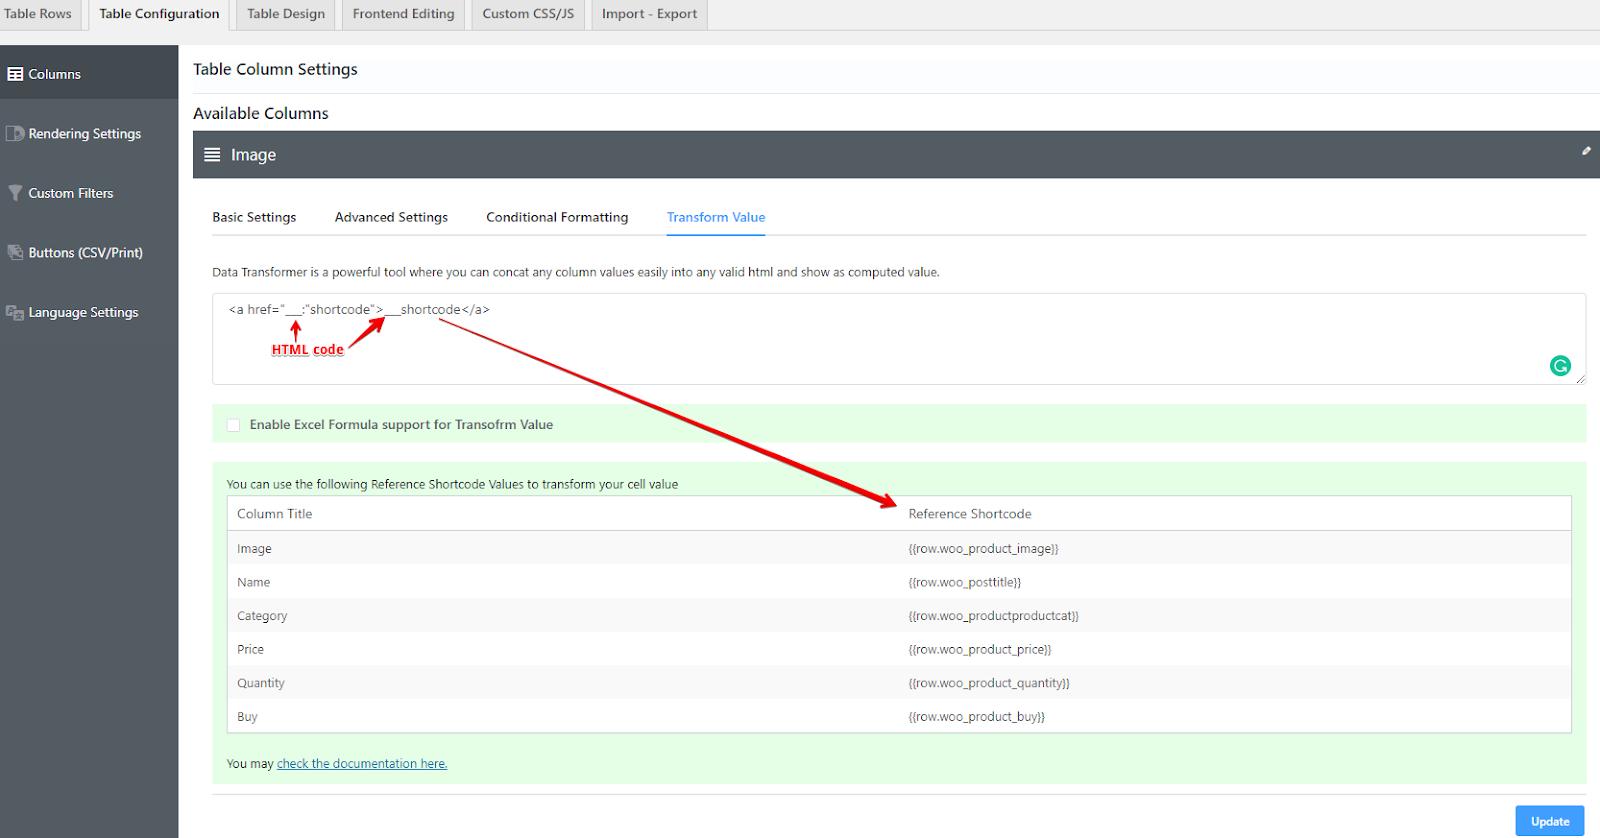 Customizing WooCommerce product table